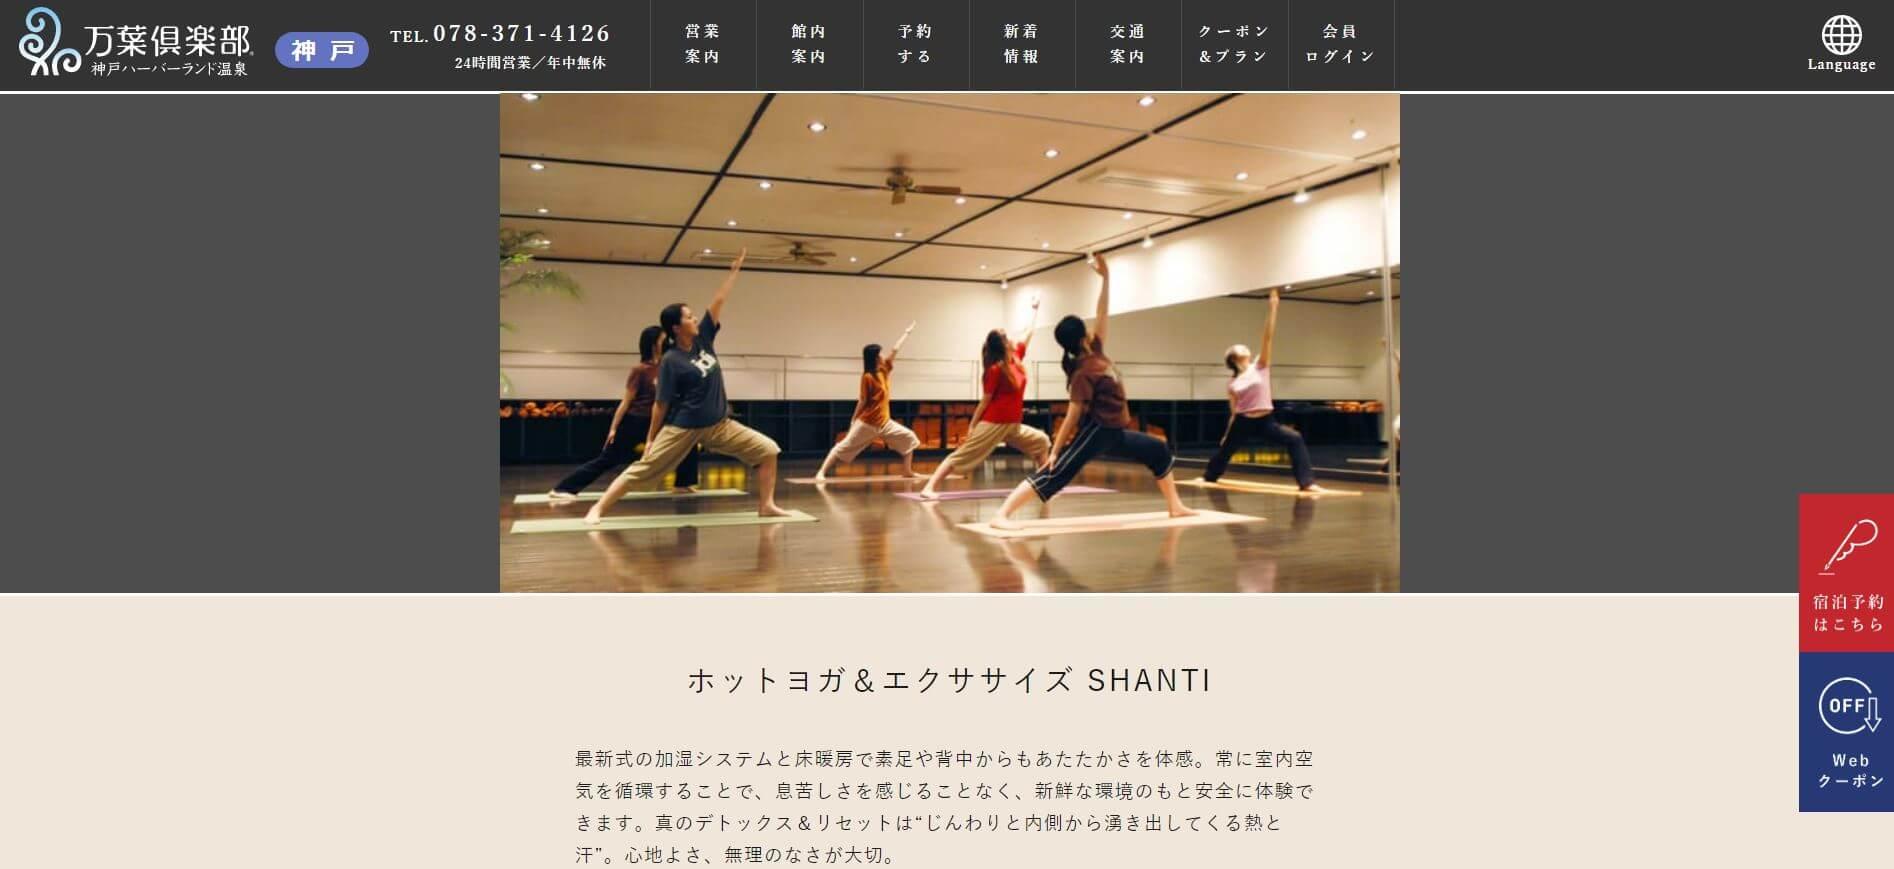 ホットヨガ&エクササイズ SHANTI